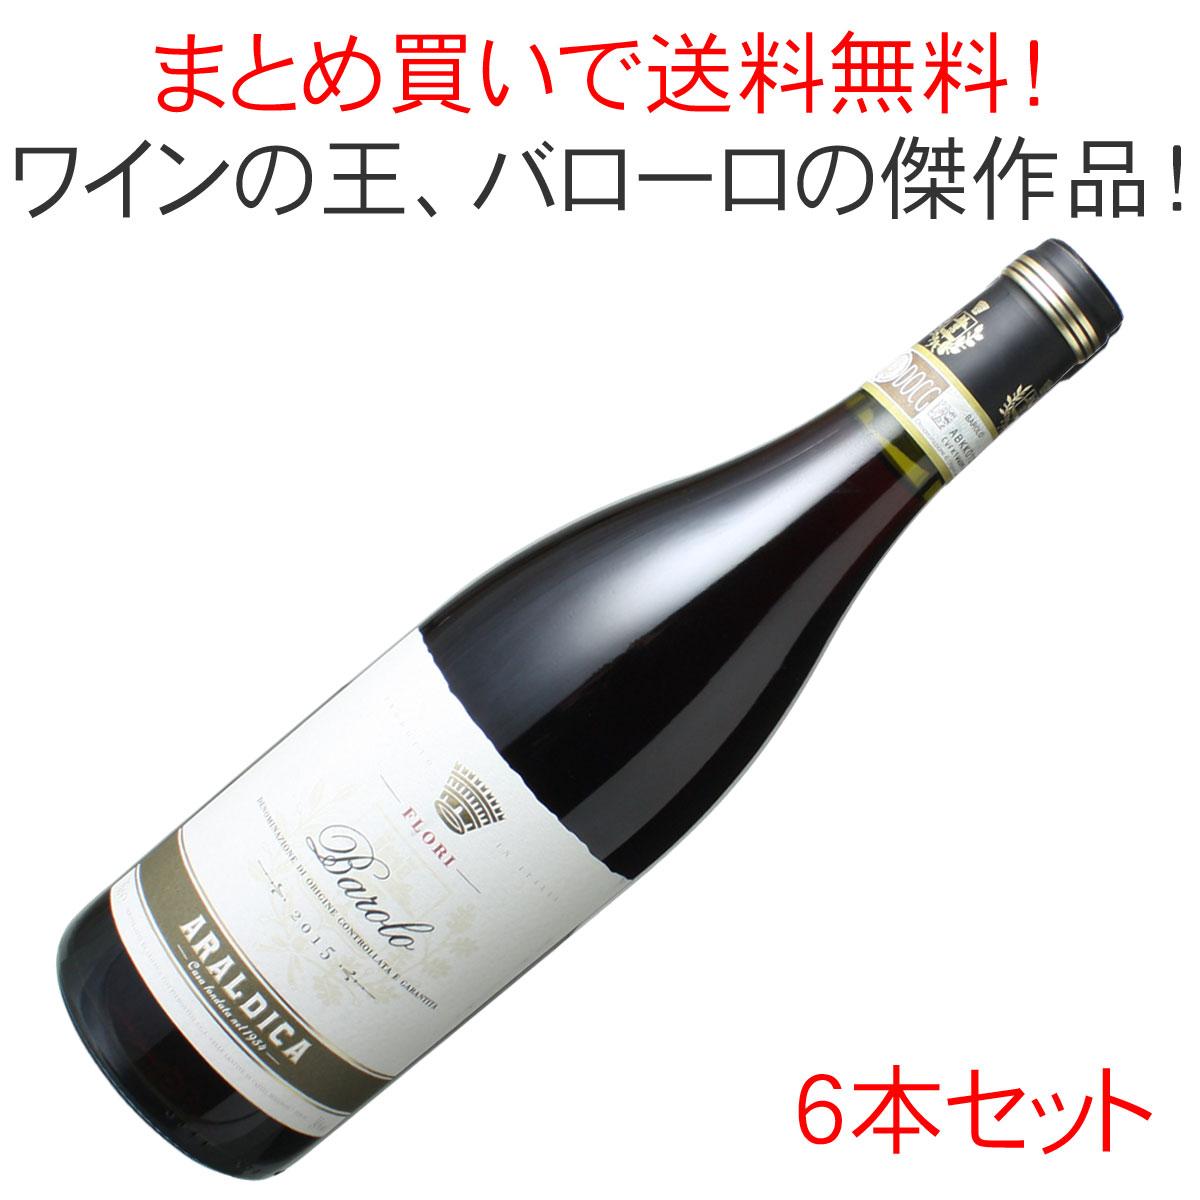 【送料無料】バローロ [2015] アラルディカ 1ケース6本セット <ワイン/イタリア>